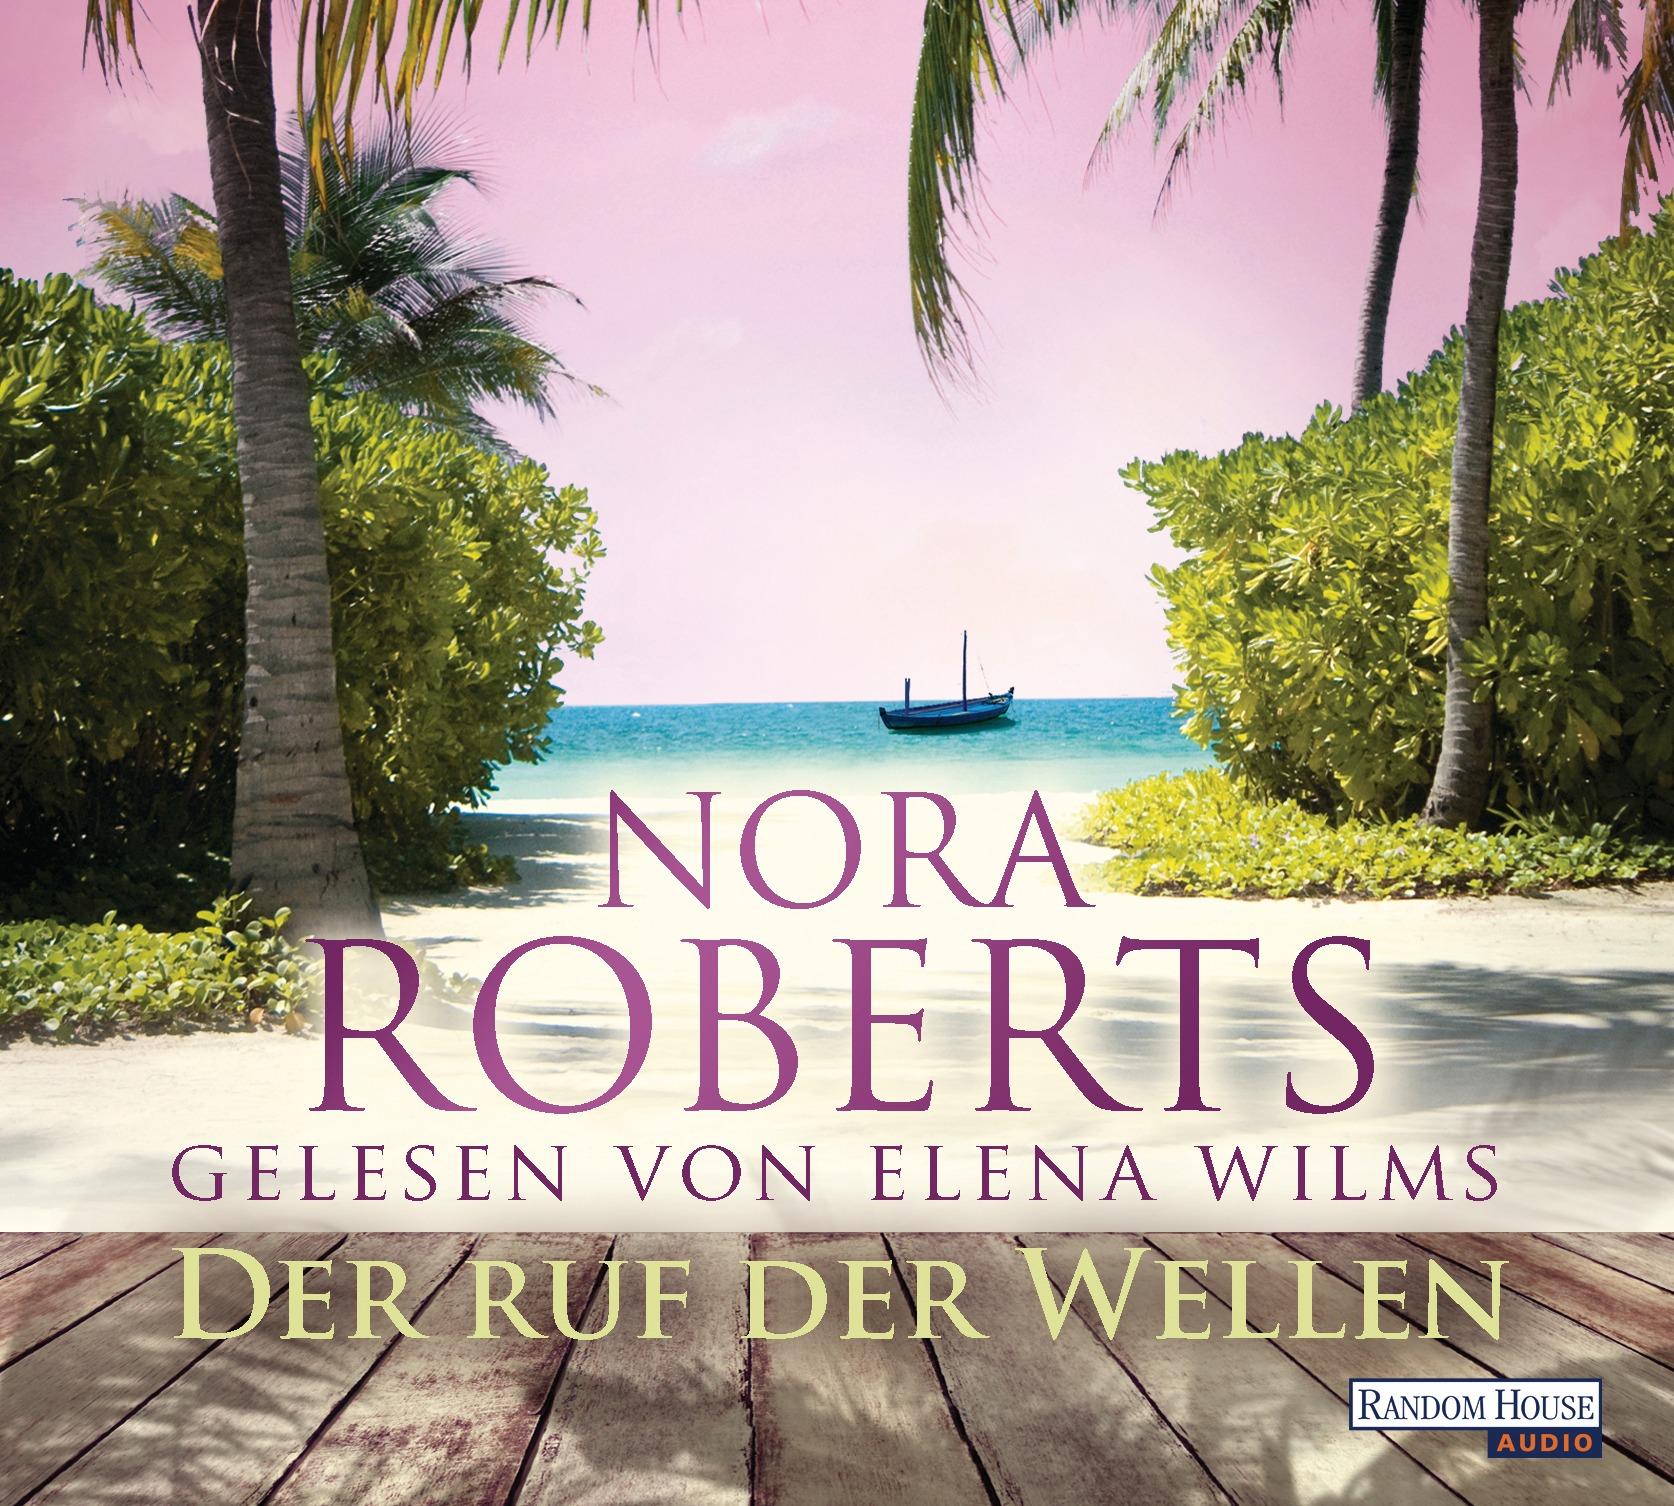 Der Ruf der Wellen - Nora Roberts